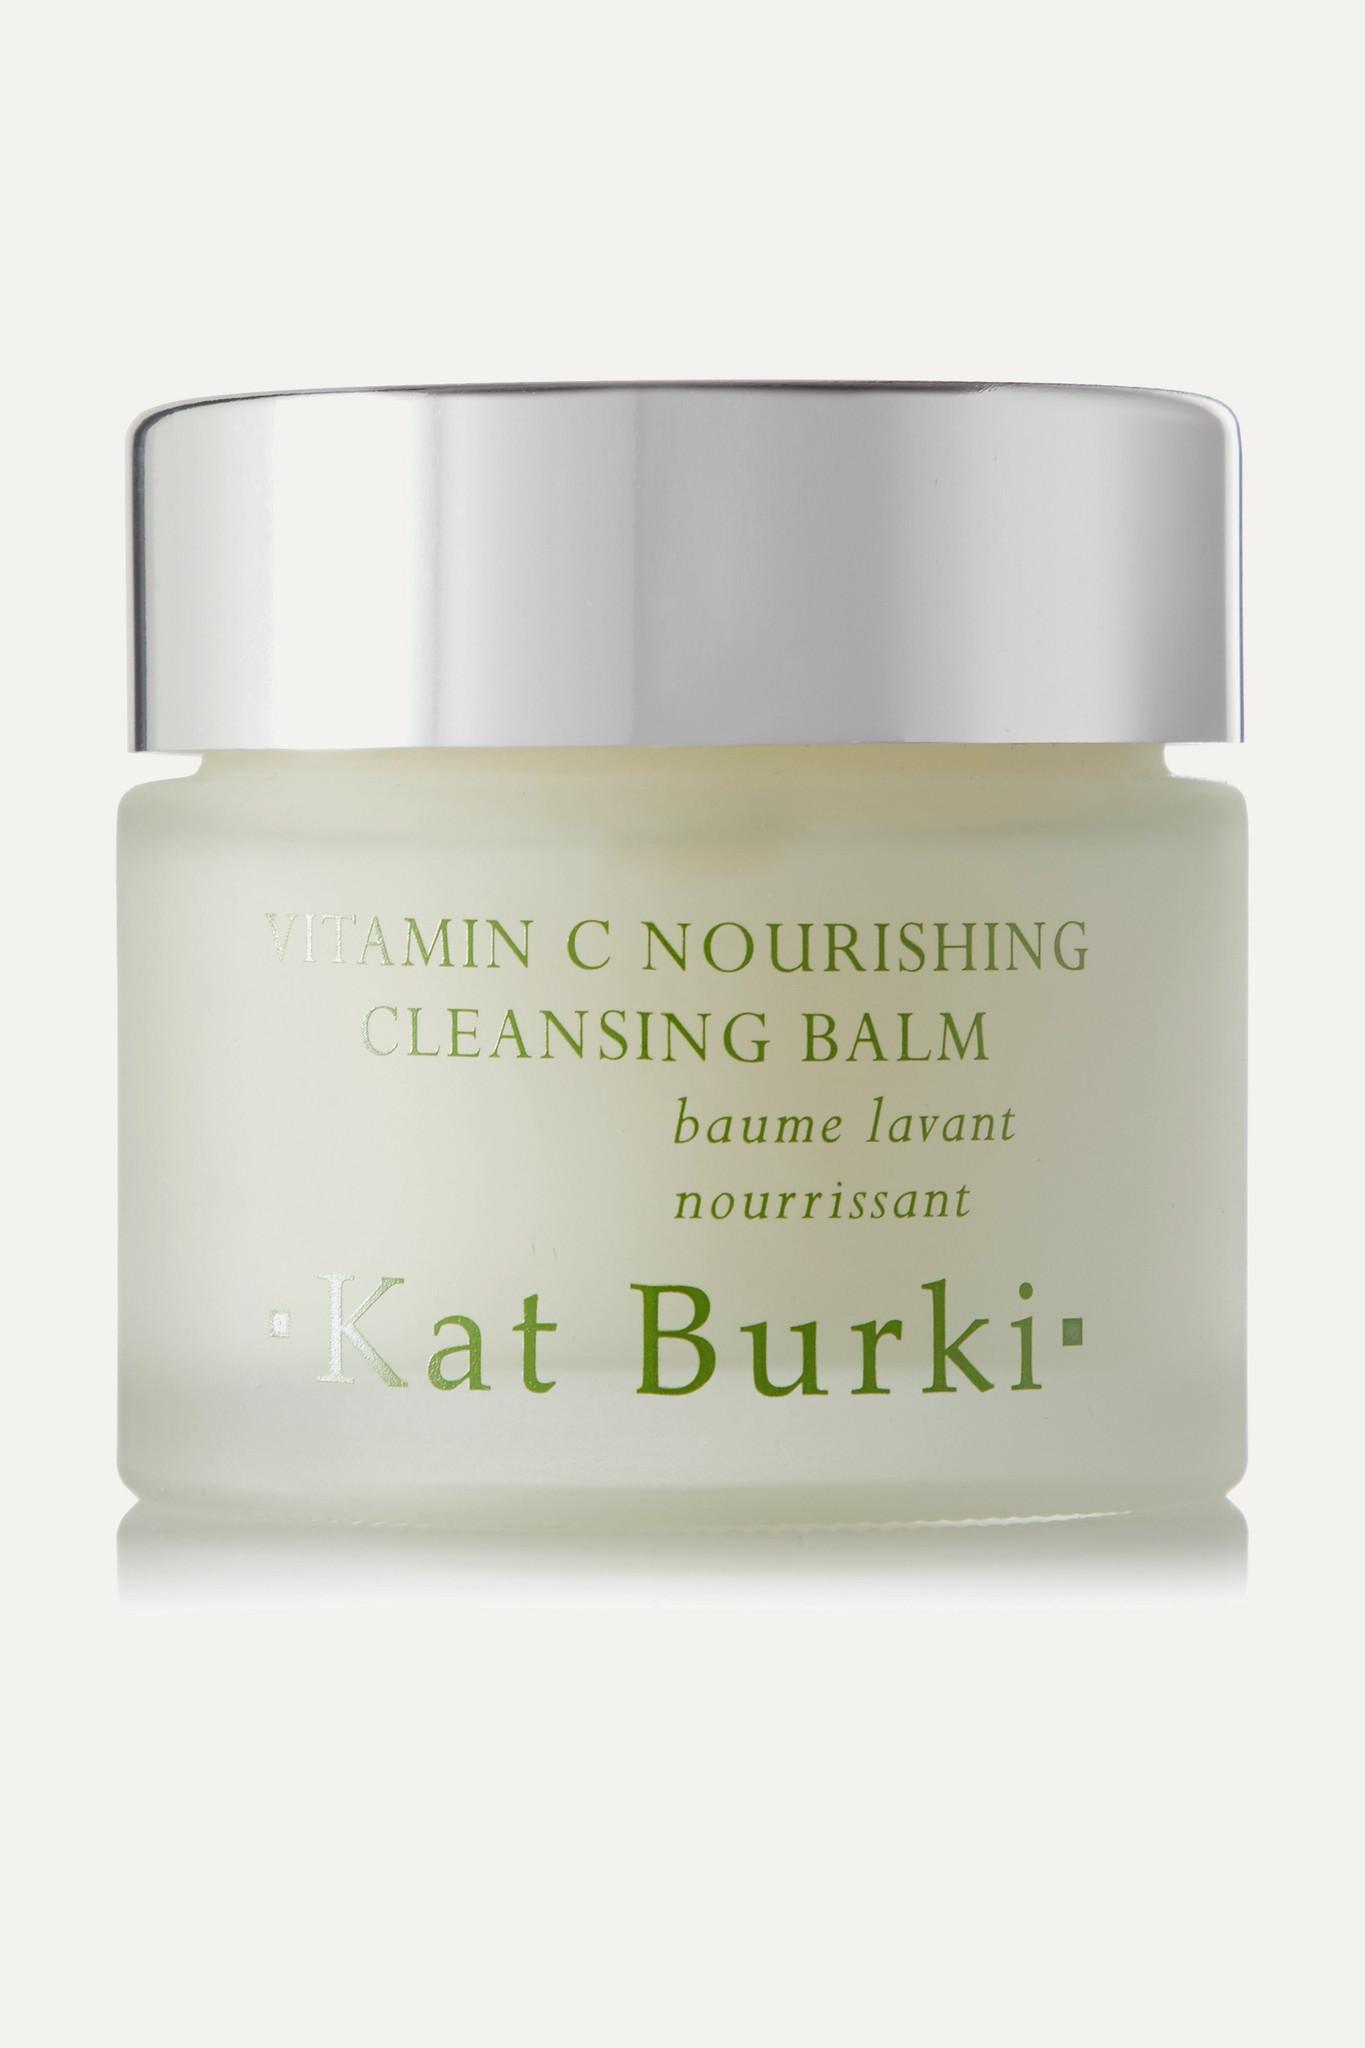 KAT BURKI - Vitamin C Nourishing Cleansing Balm, 59ml - one size